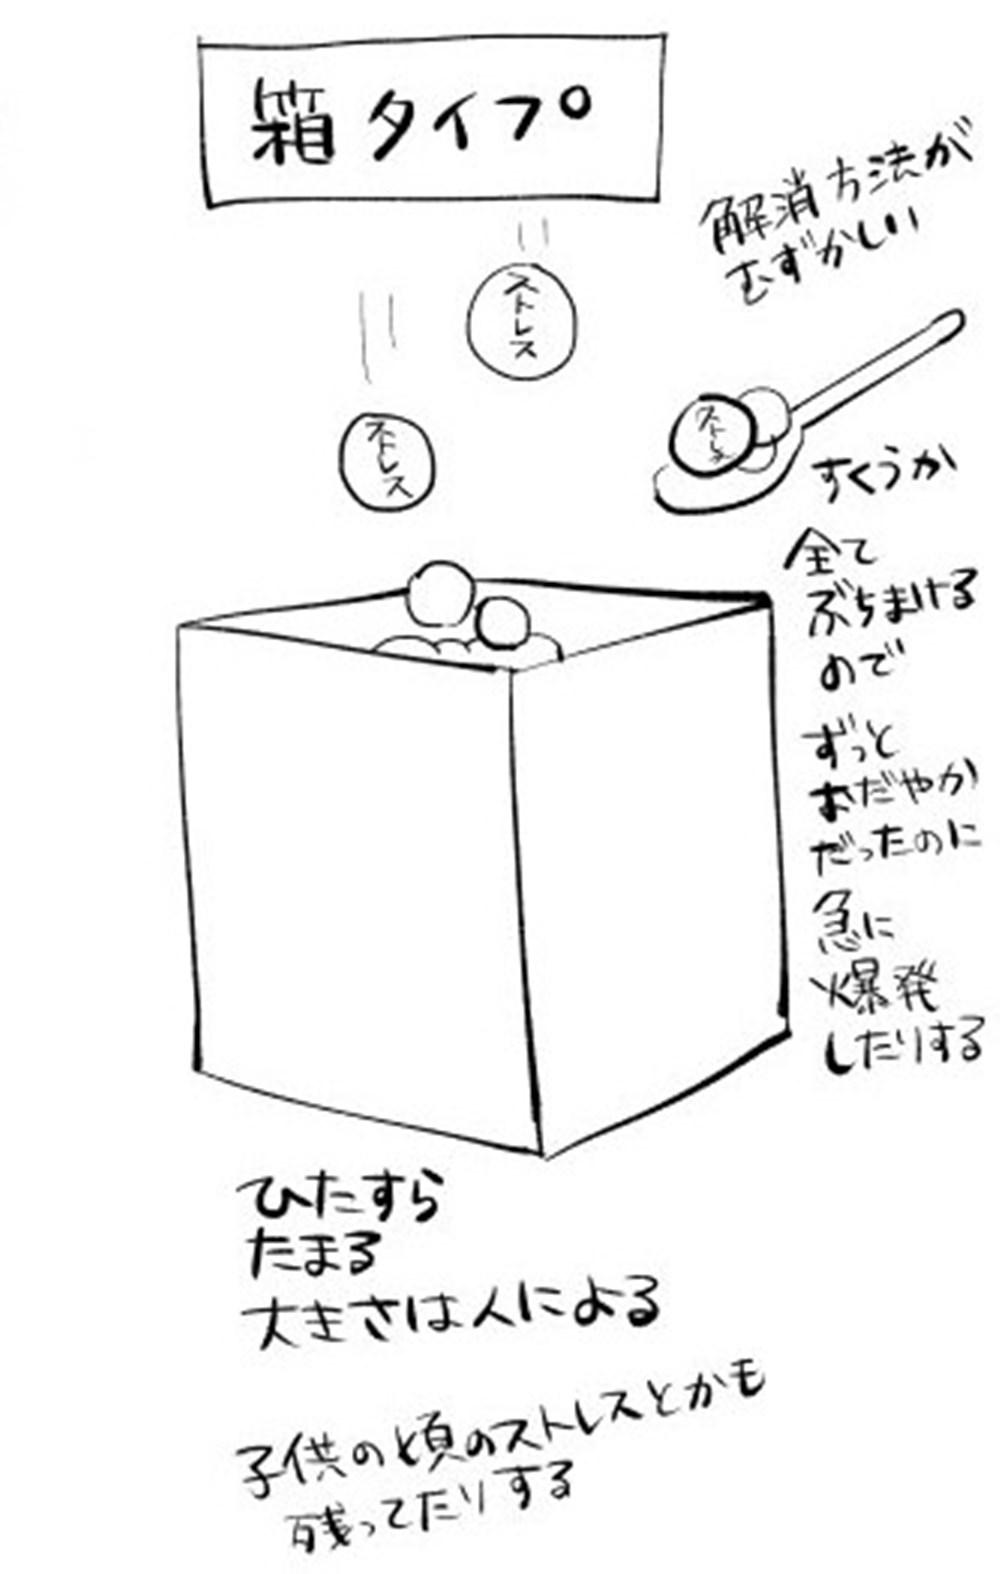 hakotaipu_R